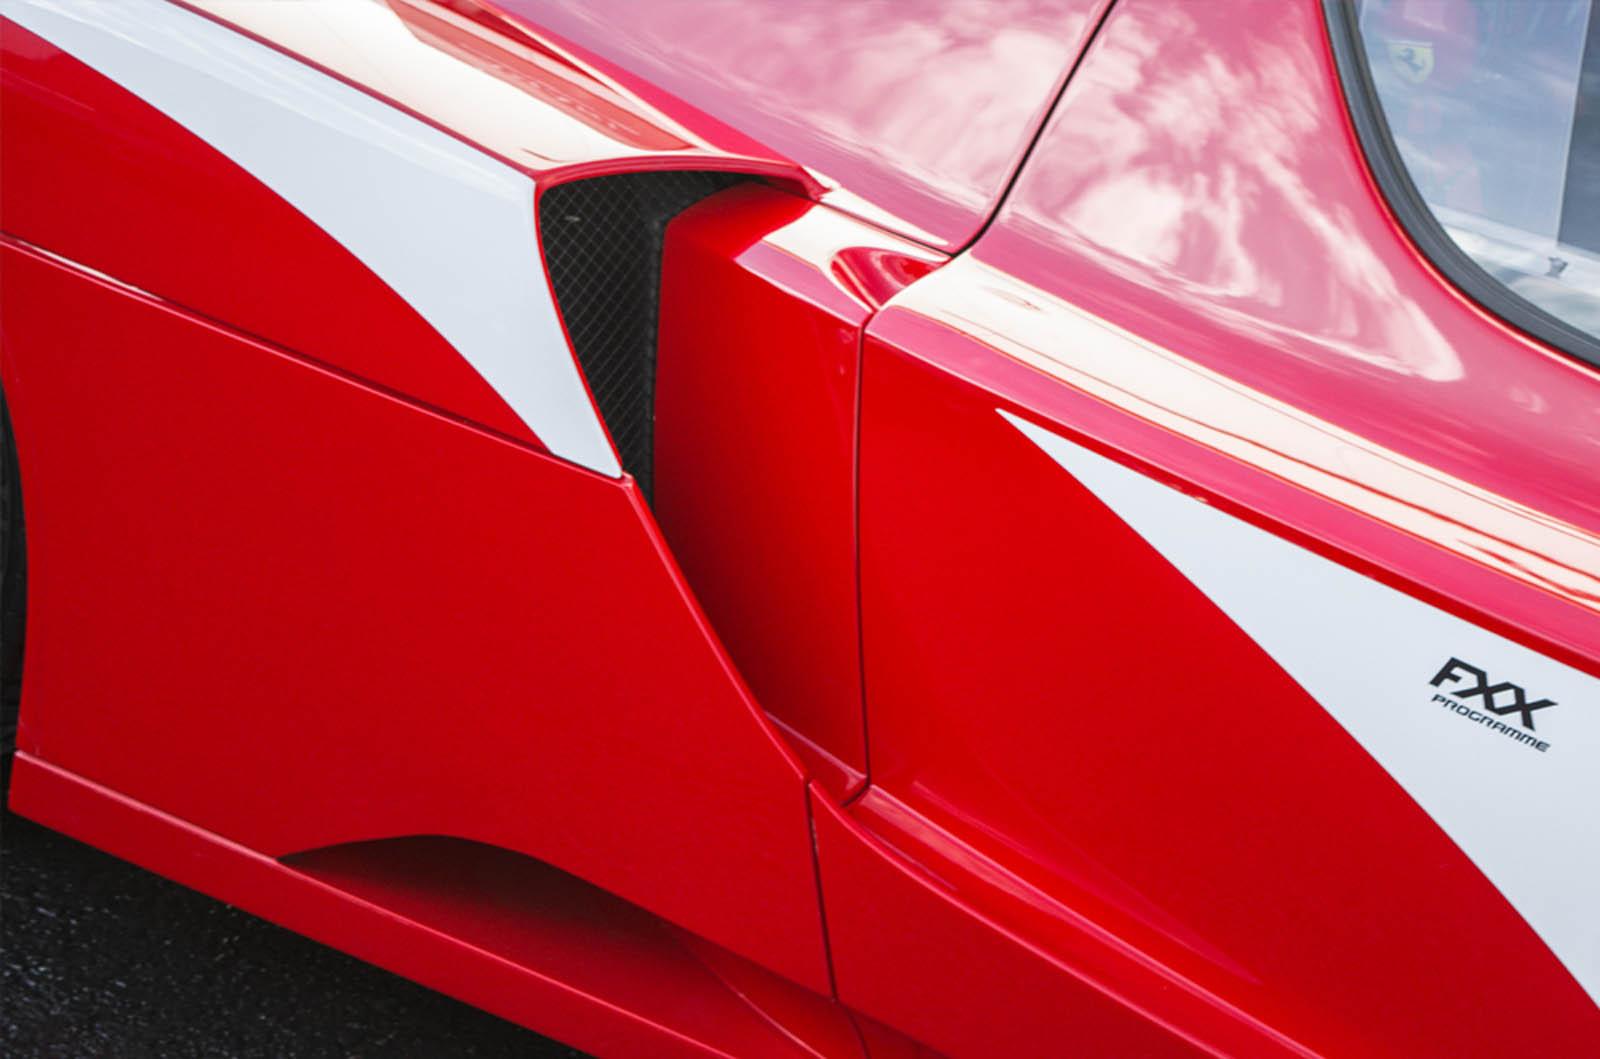 Ferrari_FXX_Evoluzione_for_sale_07